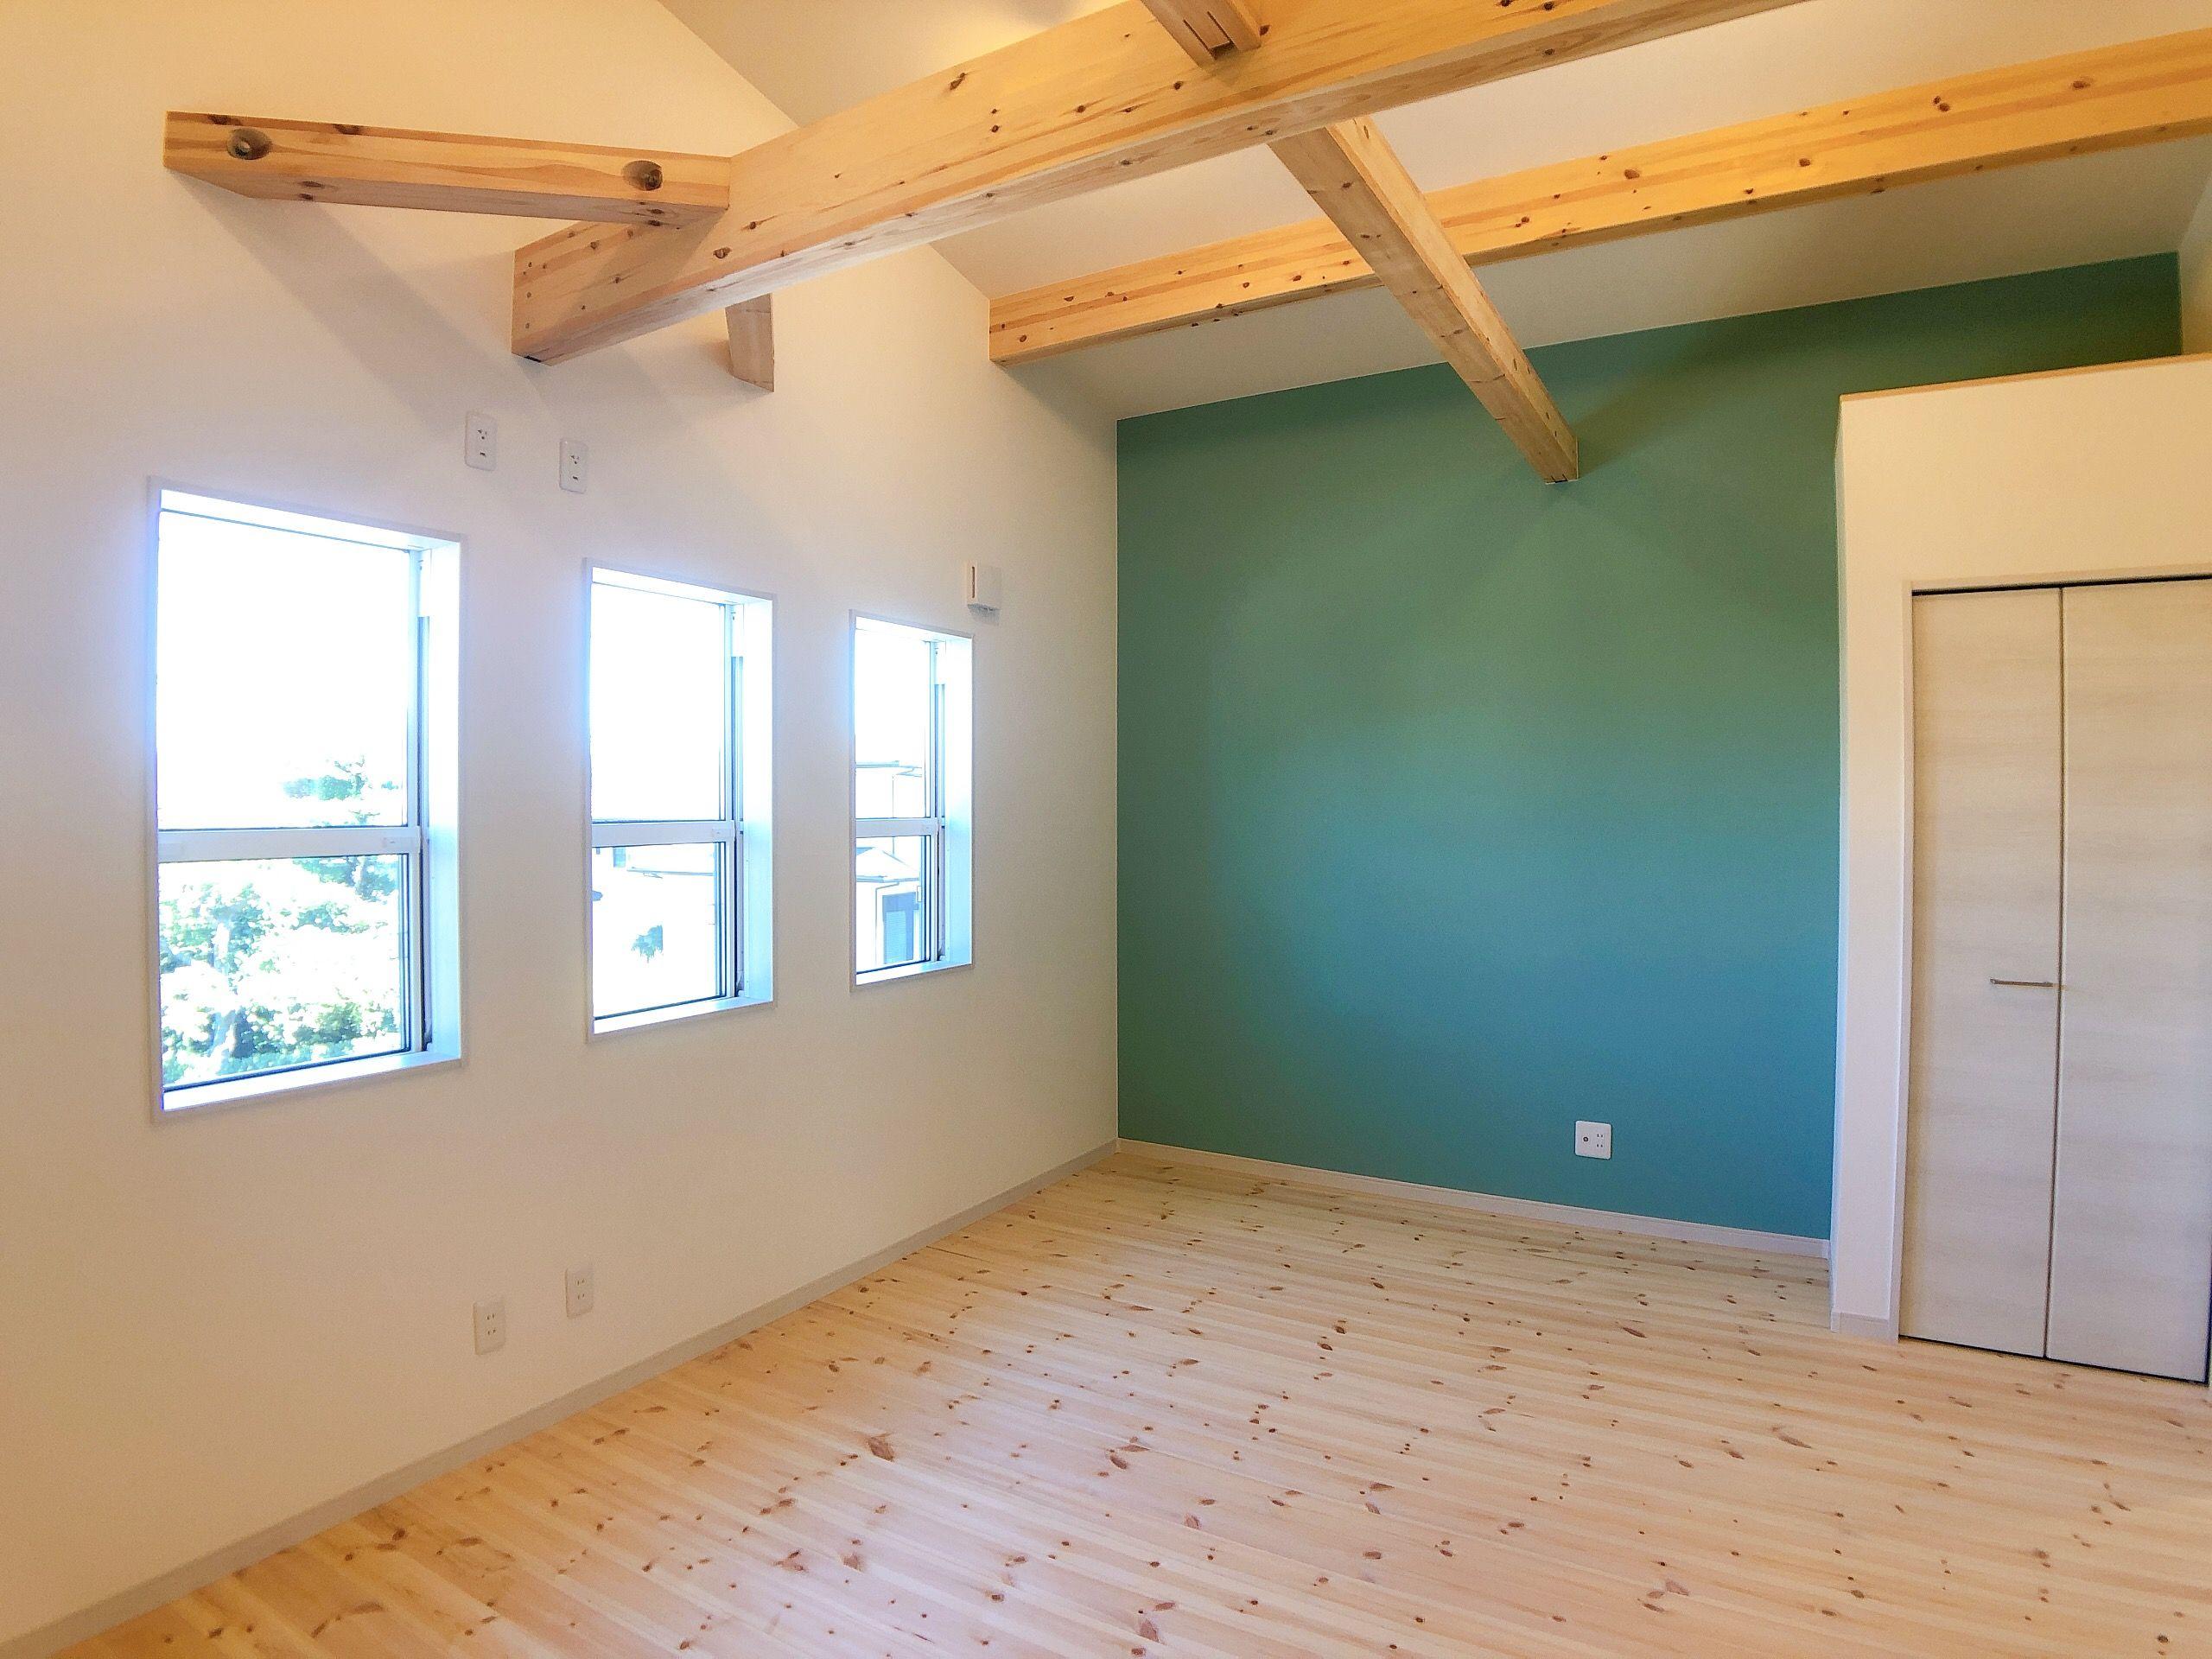 子供部屋 アクセントクロス 壁紙 ブルーグリーン 無塗装 照明 スポット